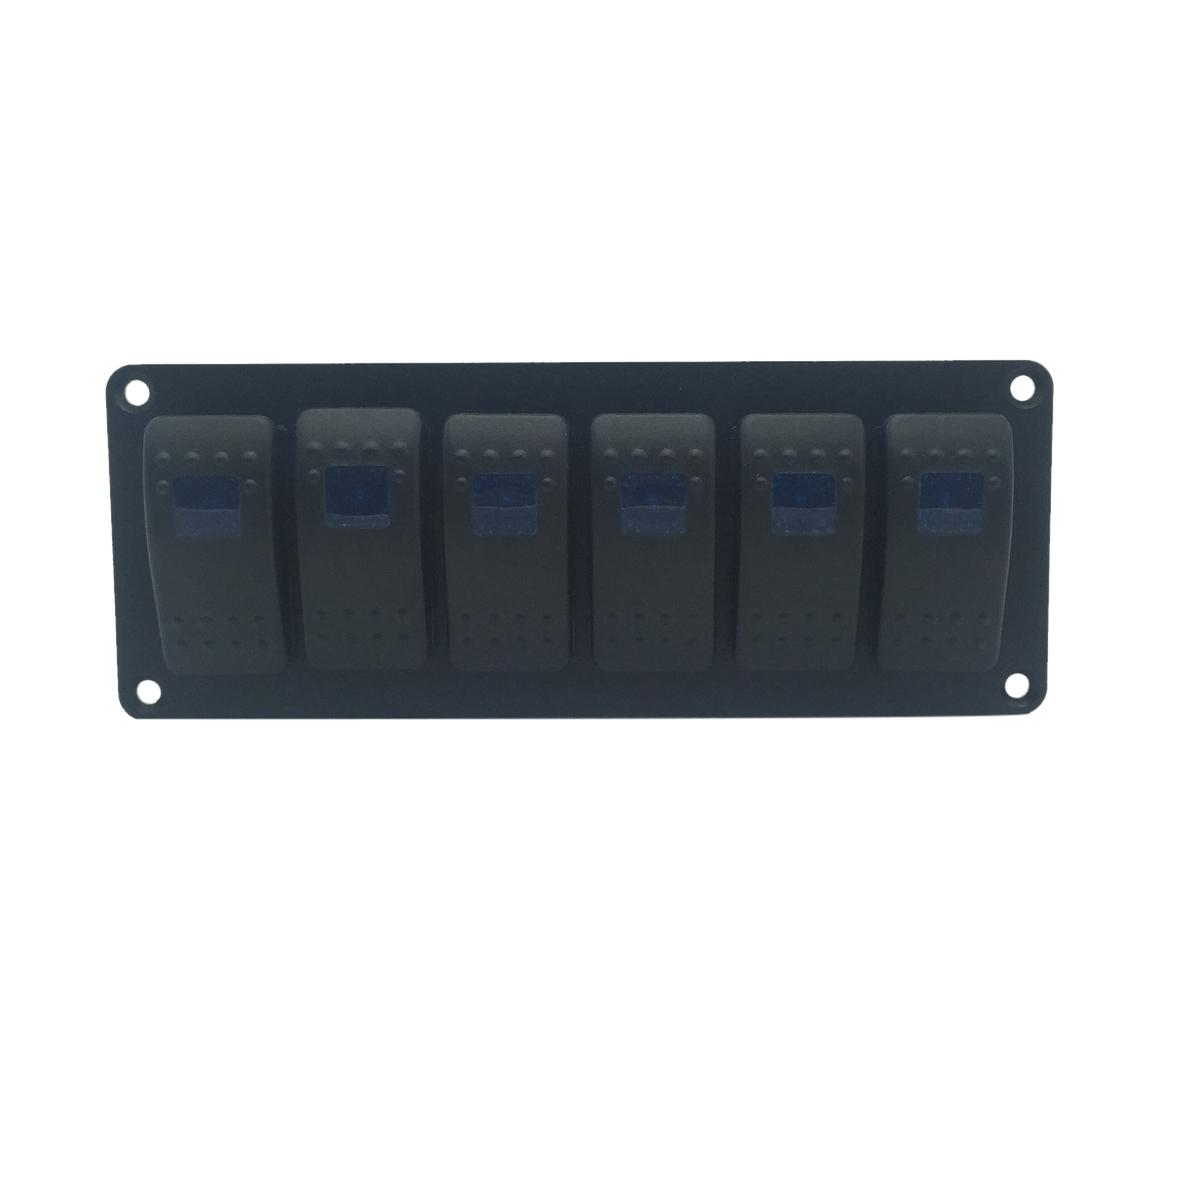 [해외]블루 LED 라이트 6 Gang 12V 24V 자동차 로커 스위치 조합 합금 스위치 패널 자동차 RV 요트 해양 보트 트럭 액세서리/Blue LED light  6 GANG 12V 24V Car Rocker Switch Combination Alloy Swith